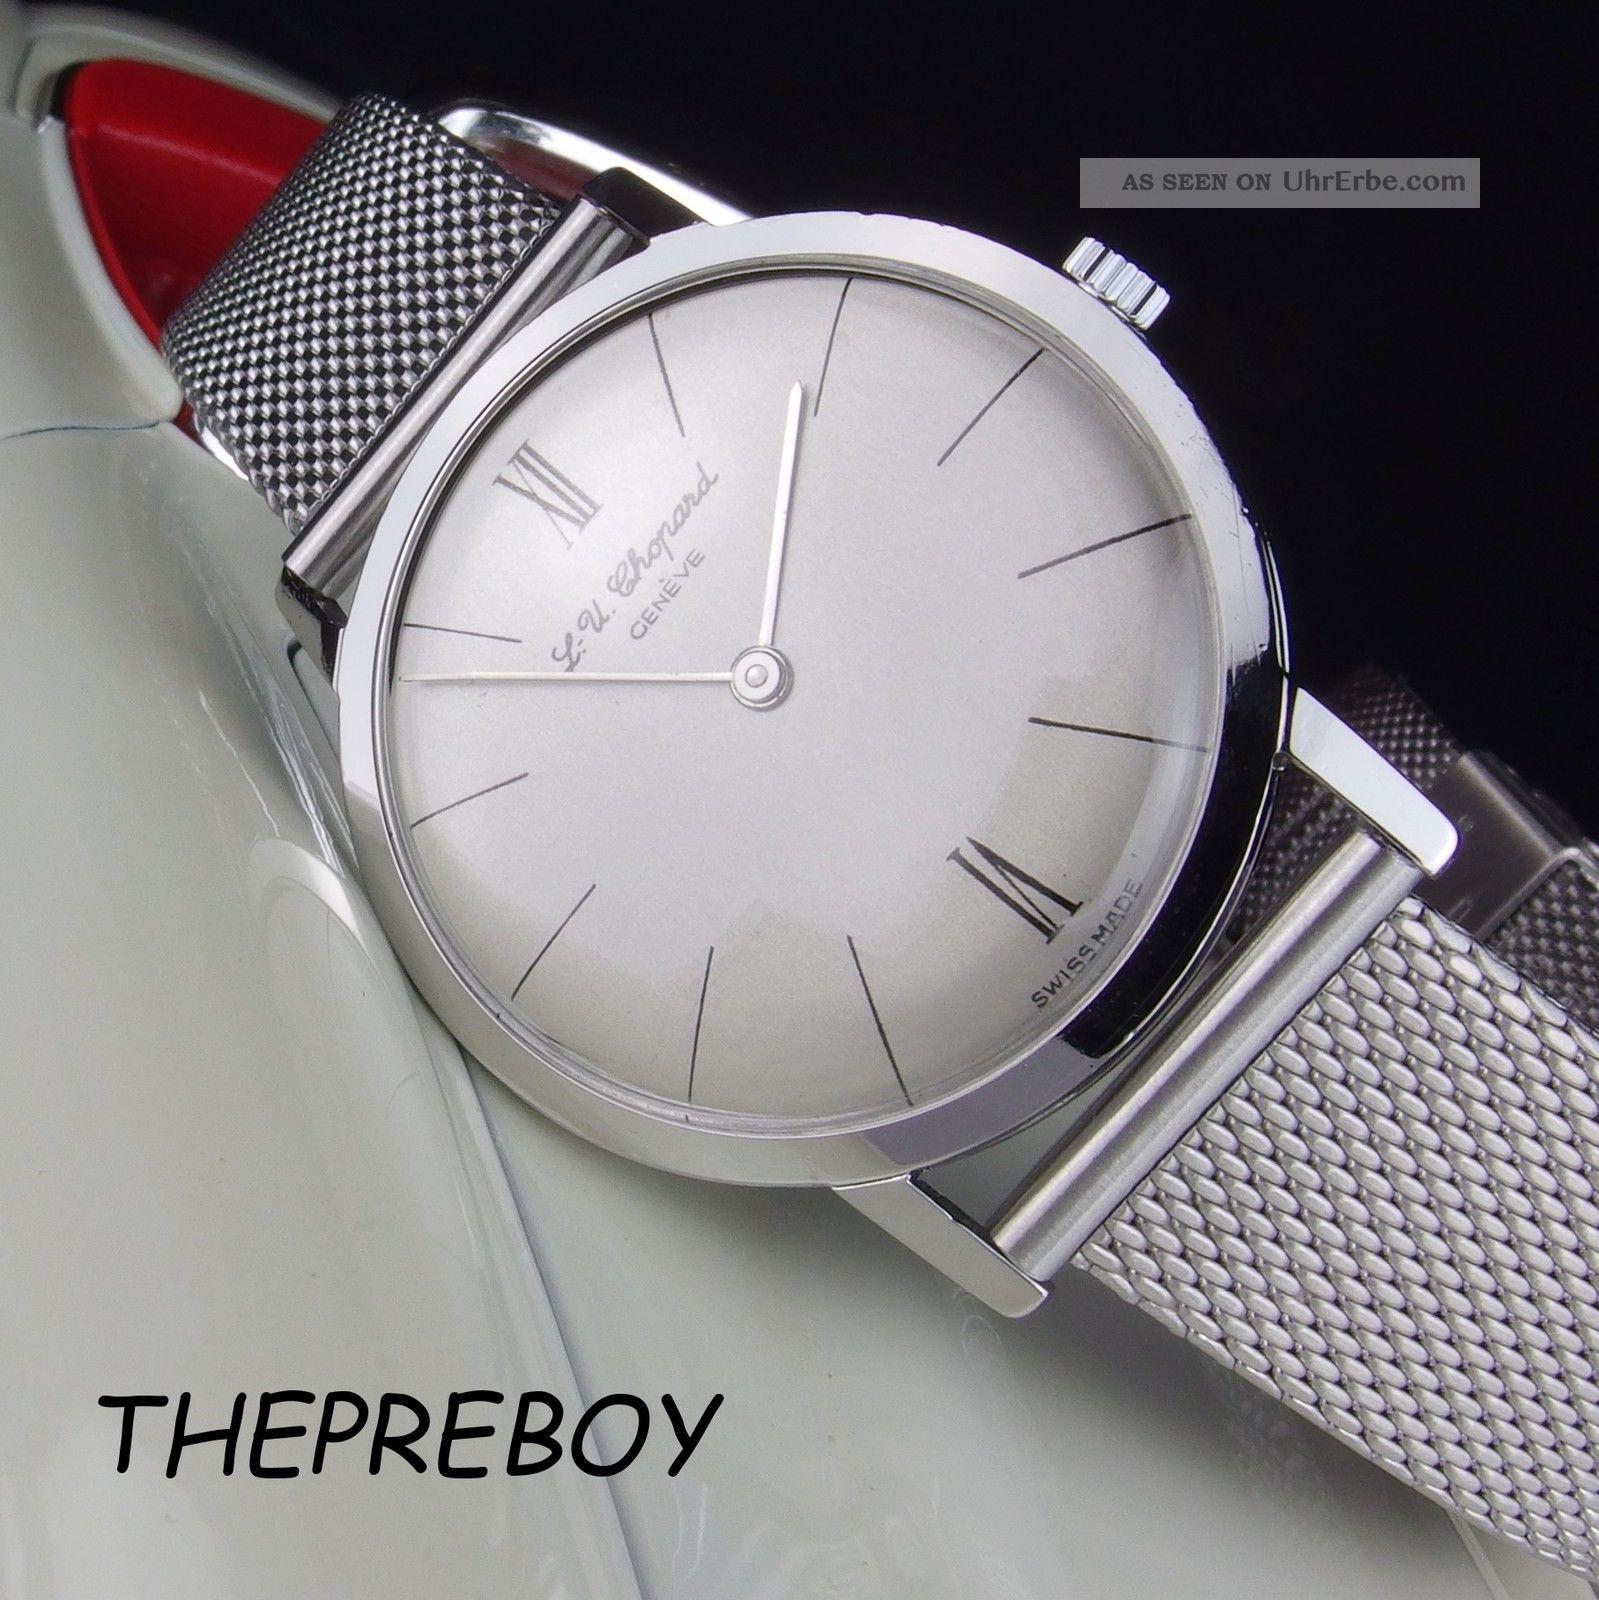 Top Chopard Herren - - - - - Revision - - - - - Peseux 7000 1960er Armbanduhren Bild